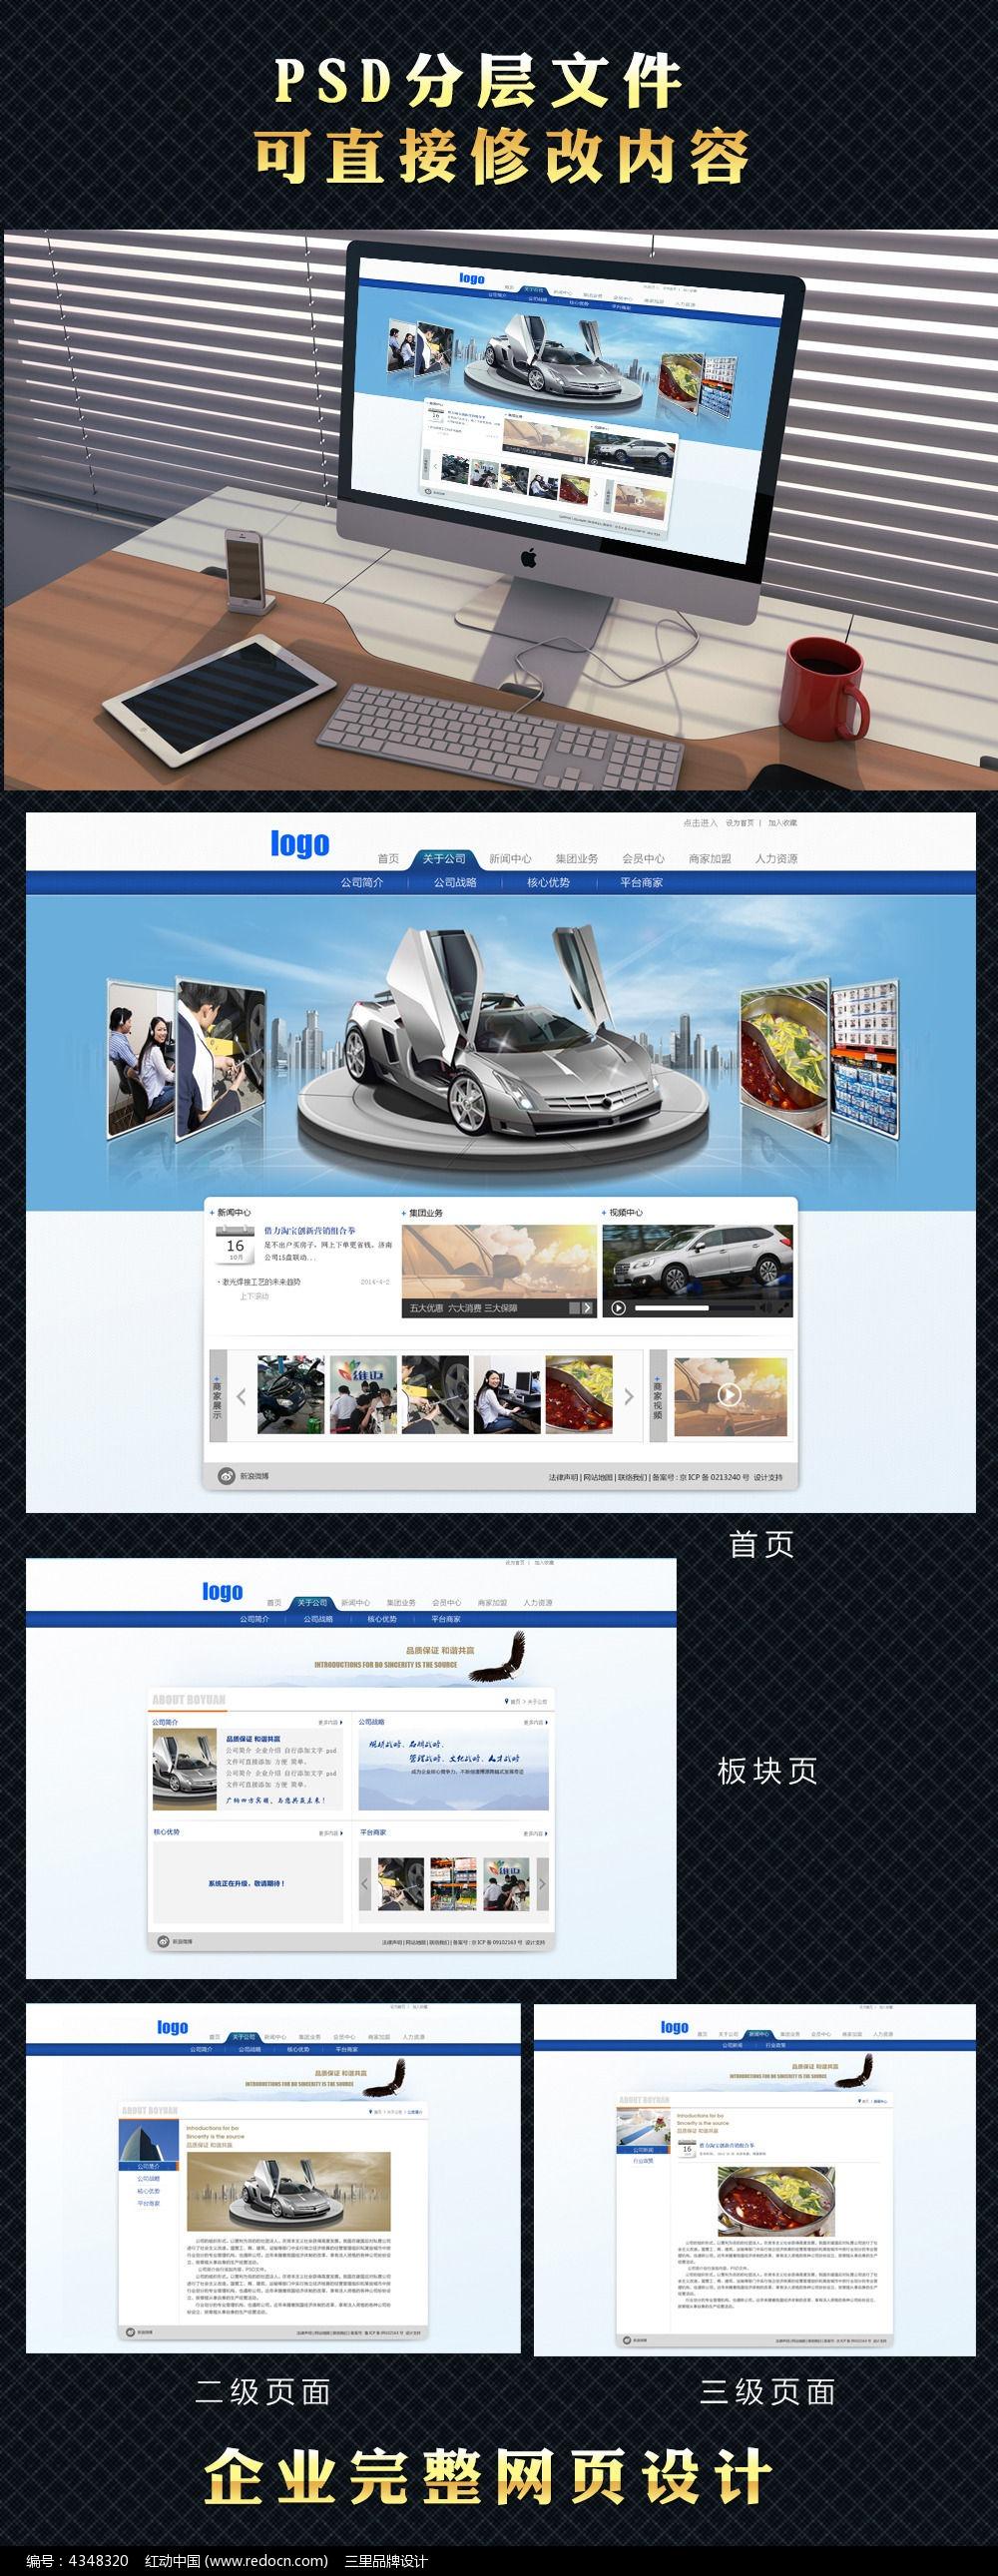 企业网站网页设计模板图片